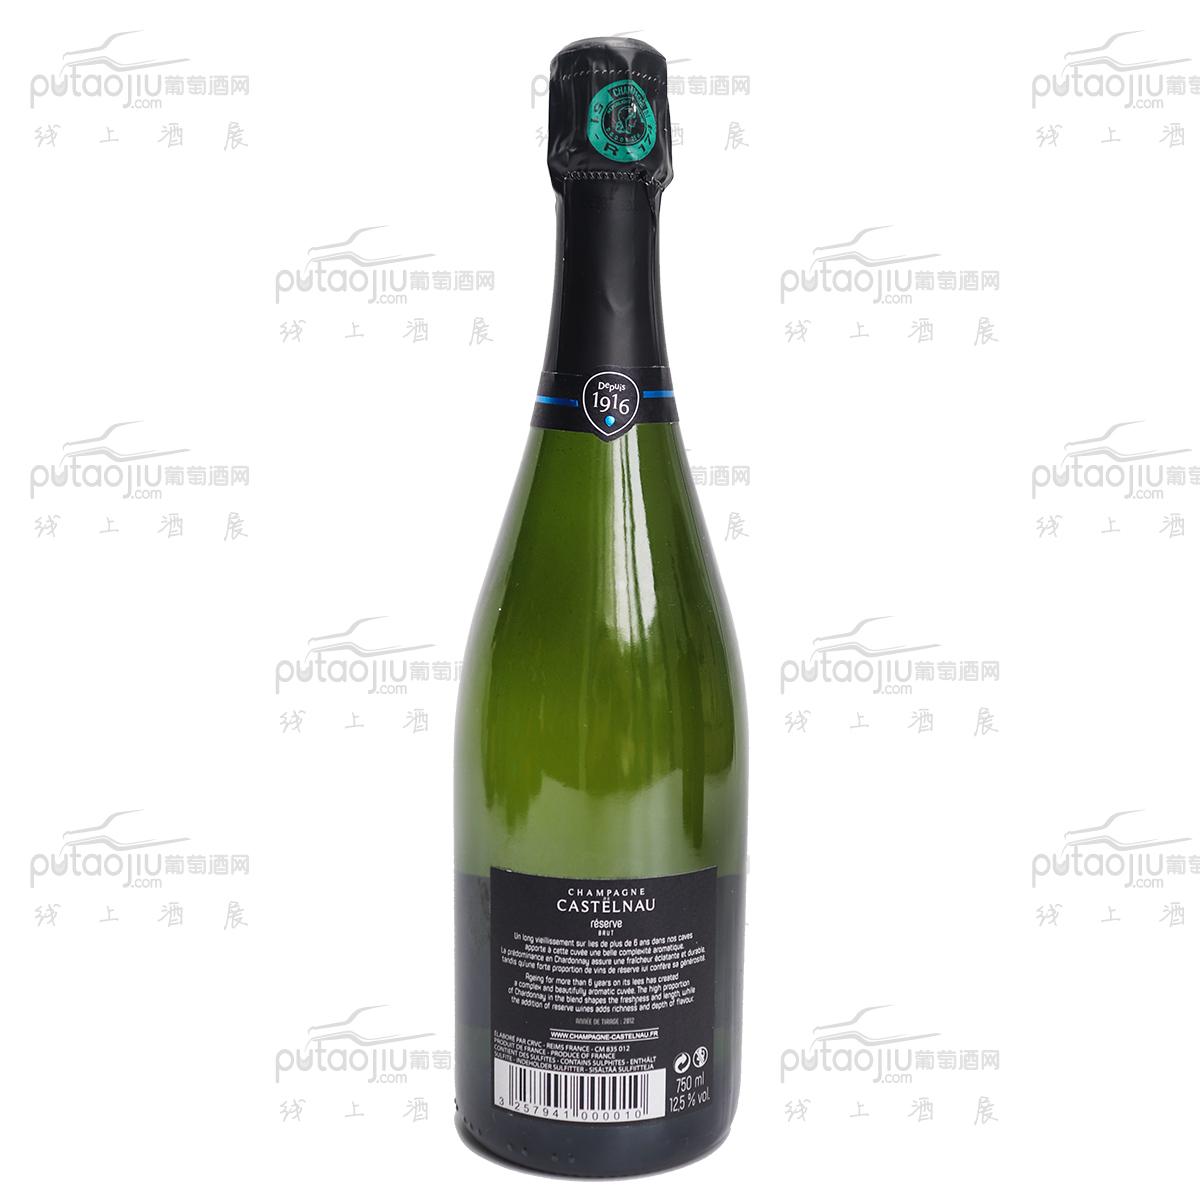 法国香槟区卡狮龙酒庄混酿香槟